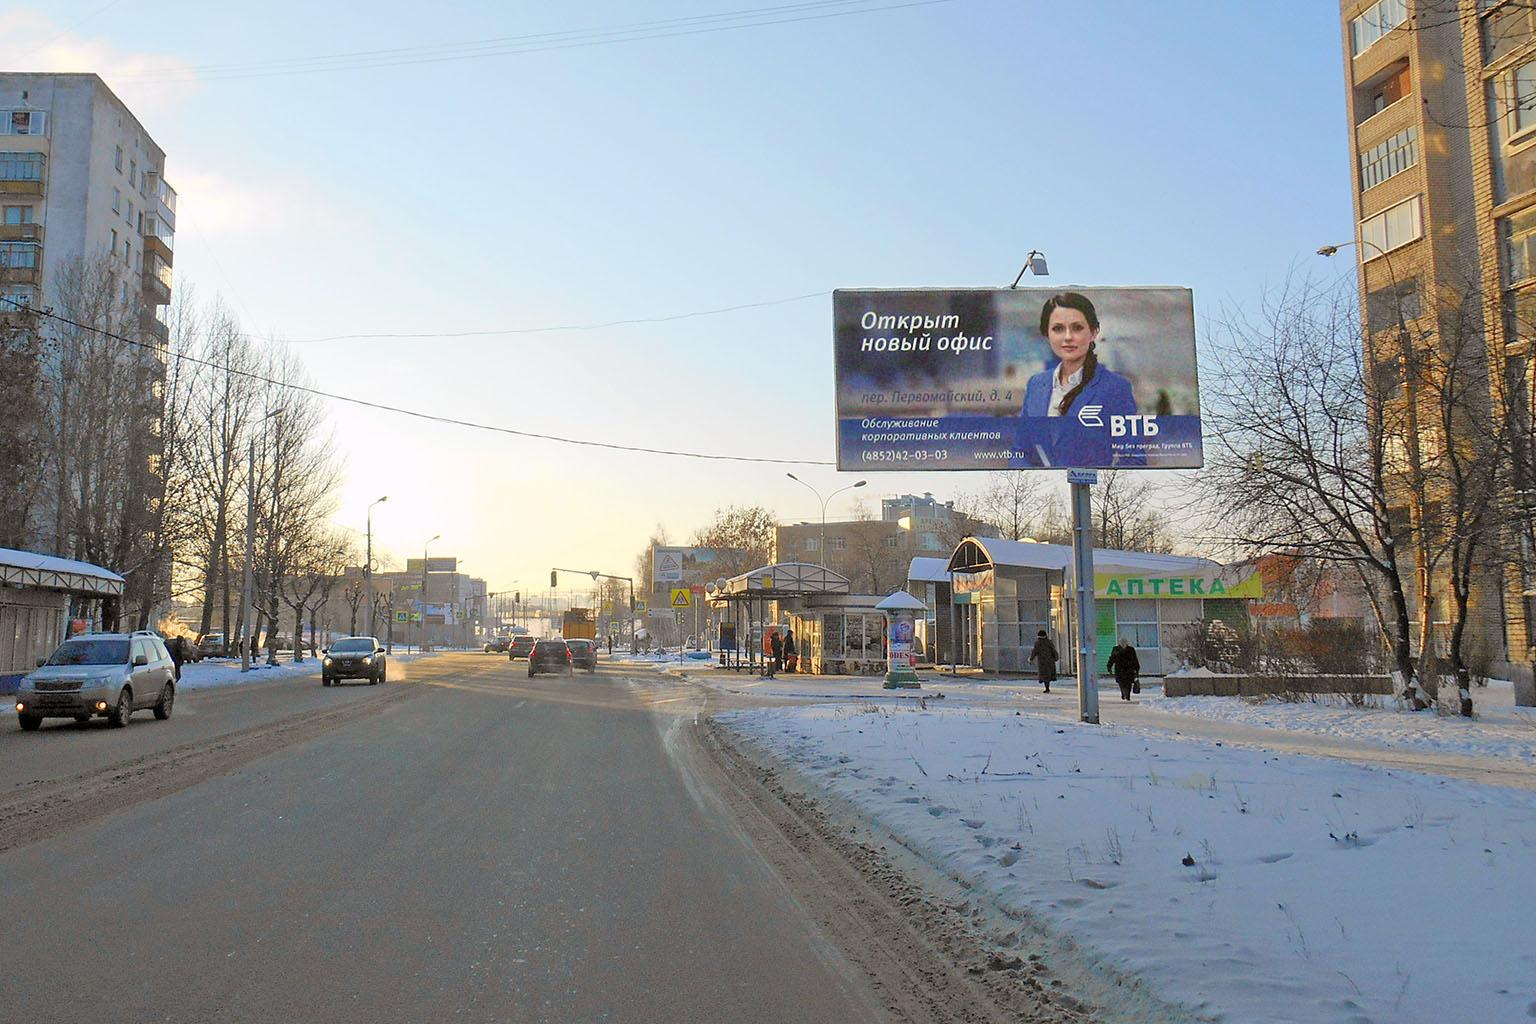 Открытие офиса «ВТБ» в г. Ярославле - билборд ул. Горвал